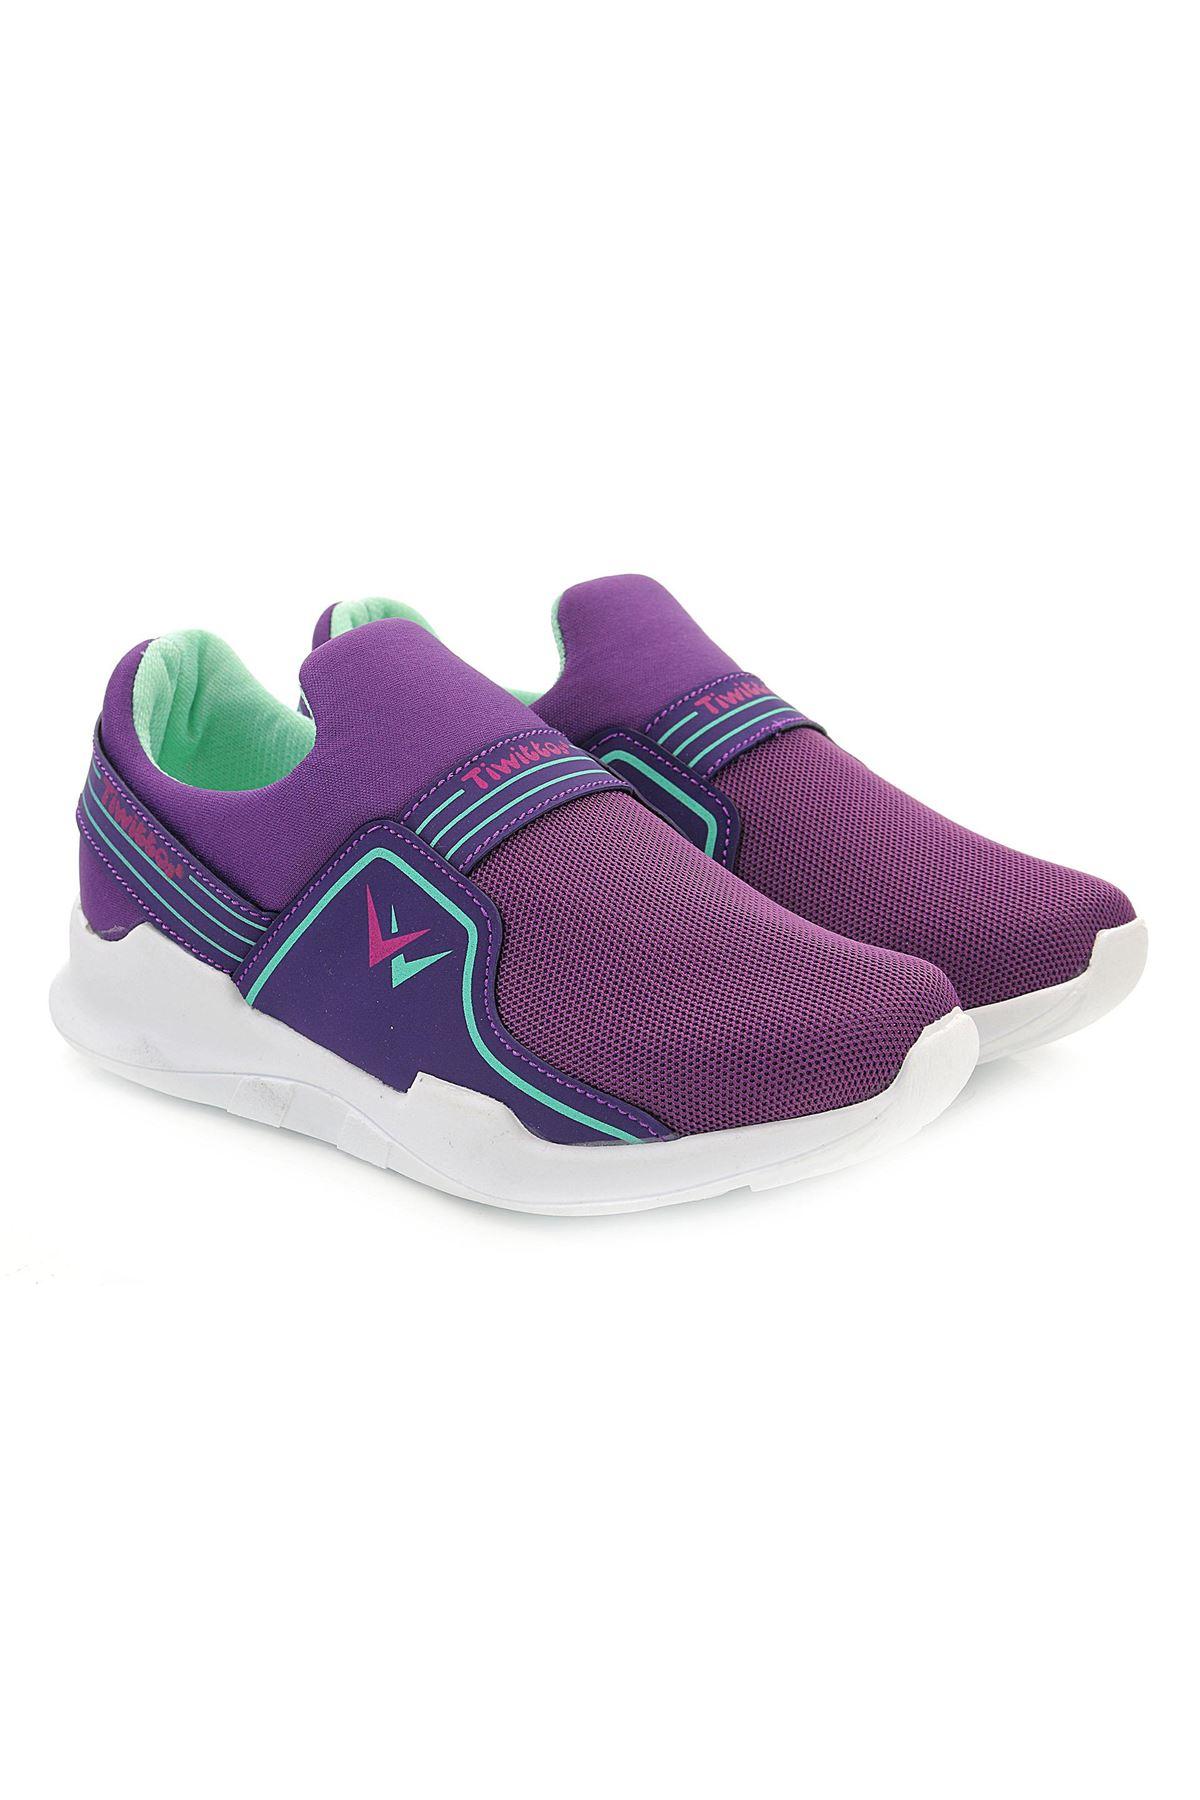 Kids World Anorak Mor Kız Çocuk Comfort Spor Ayakkabı